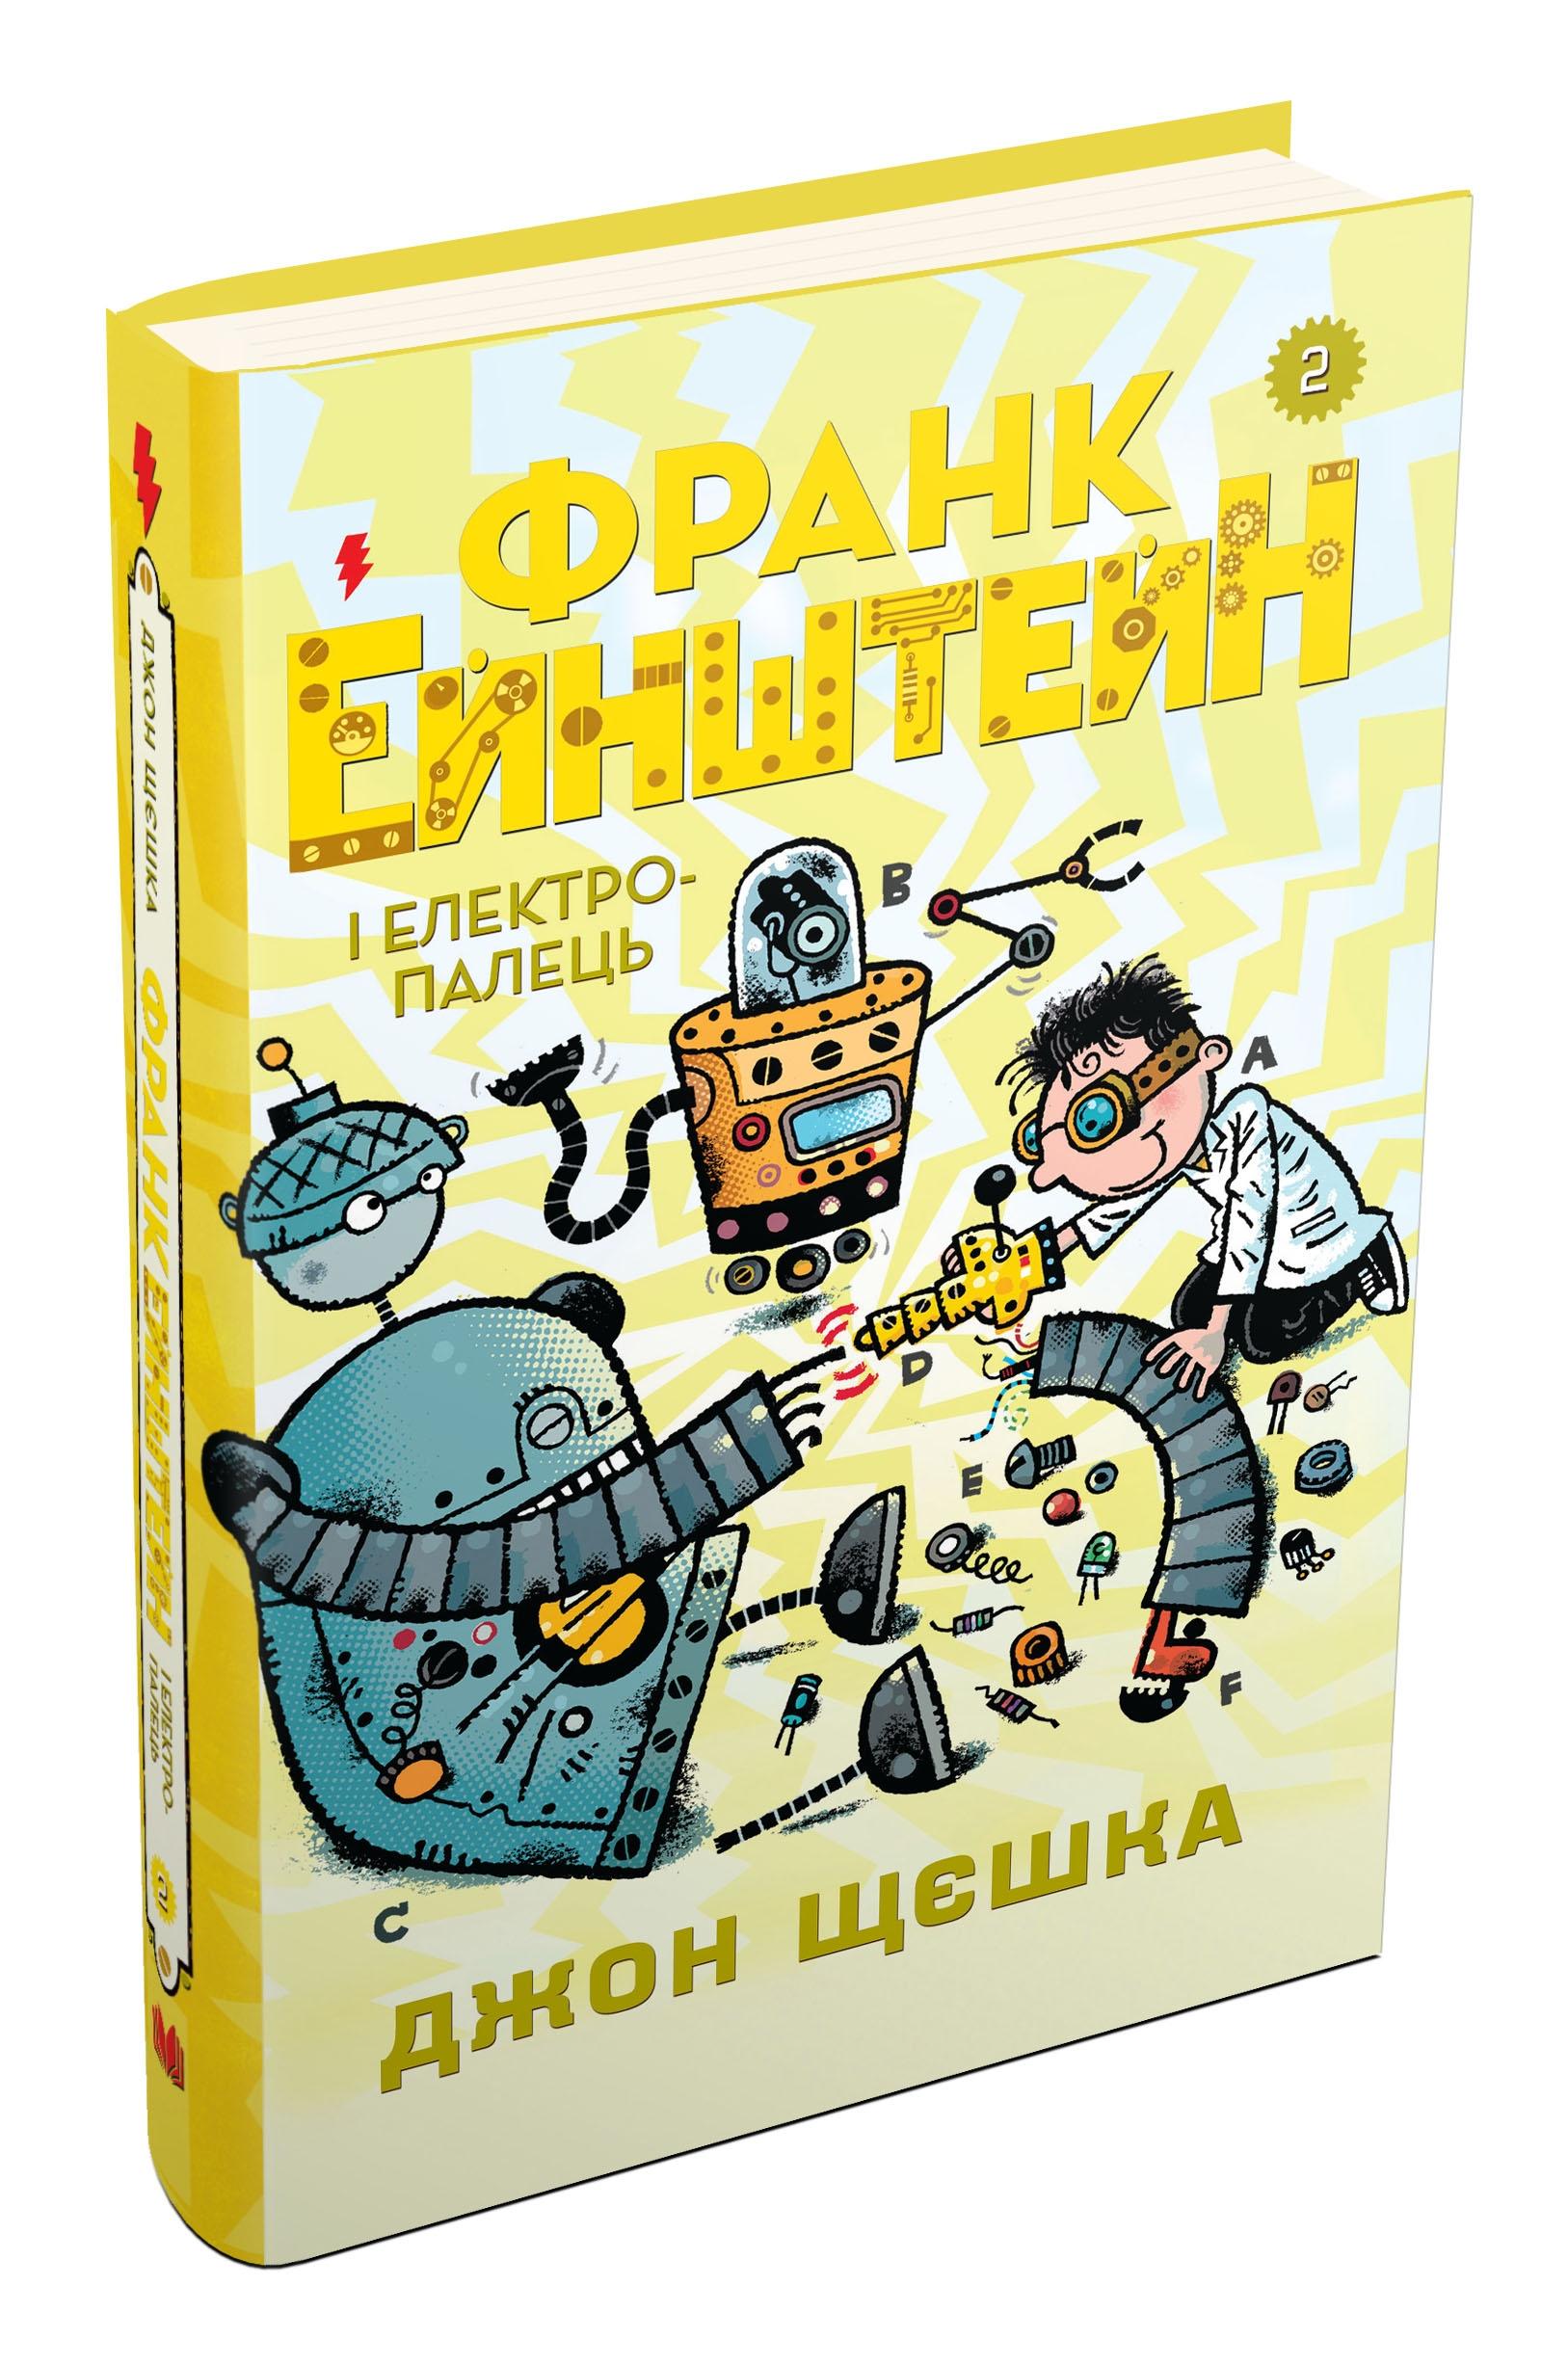 Франк Ейнштейн і електропалець. Книга 2_0